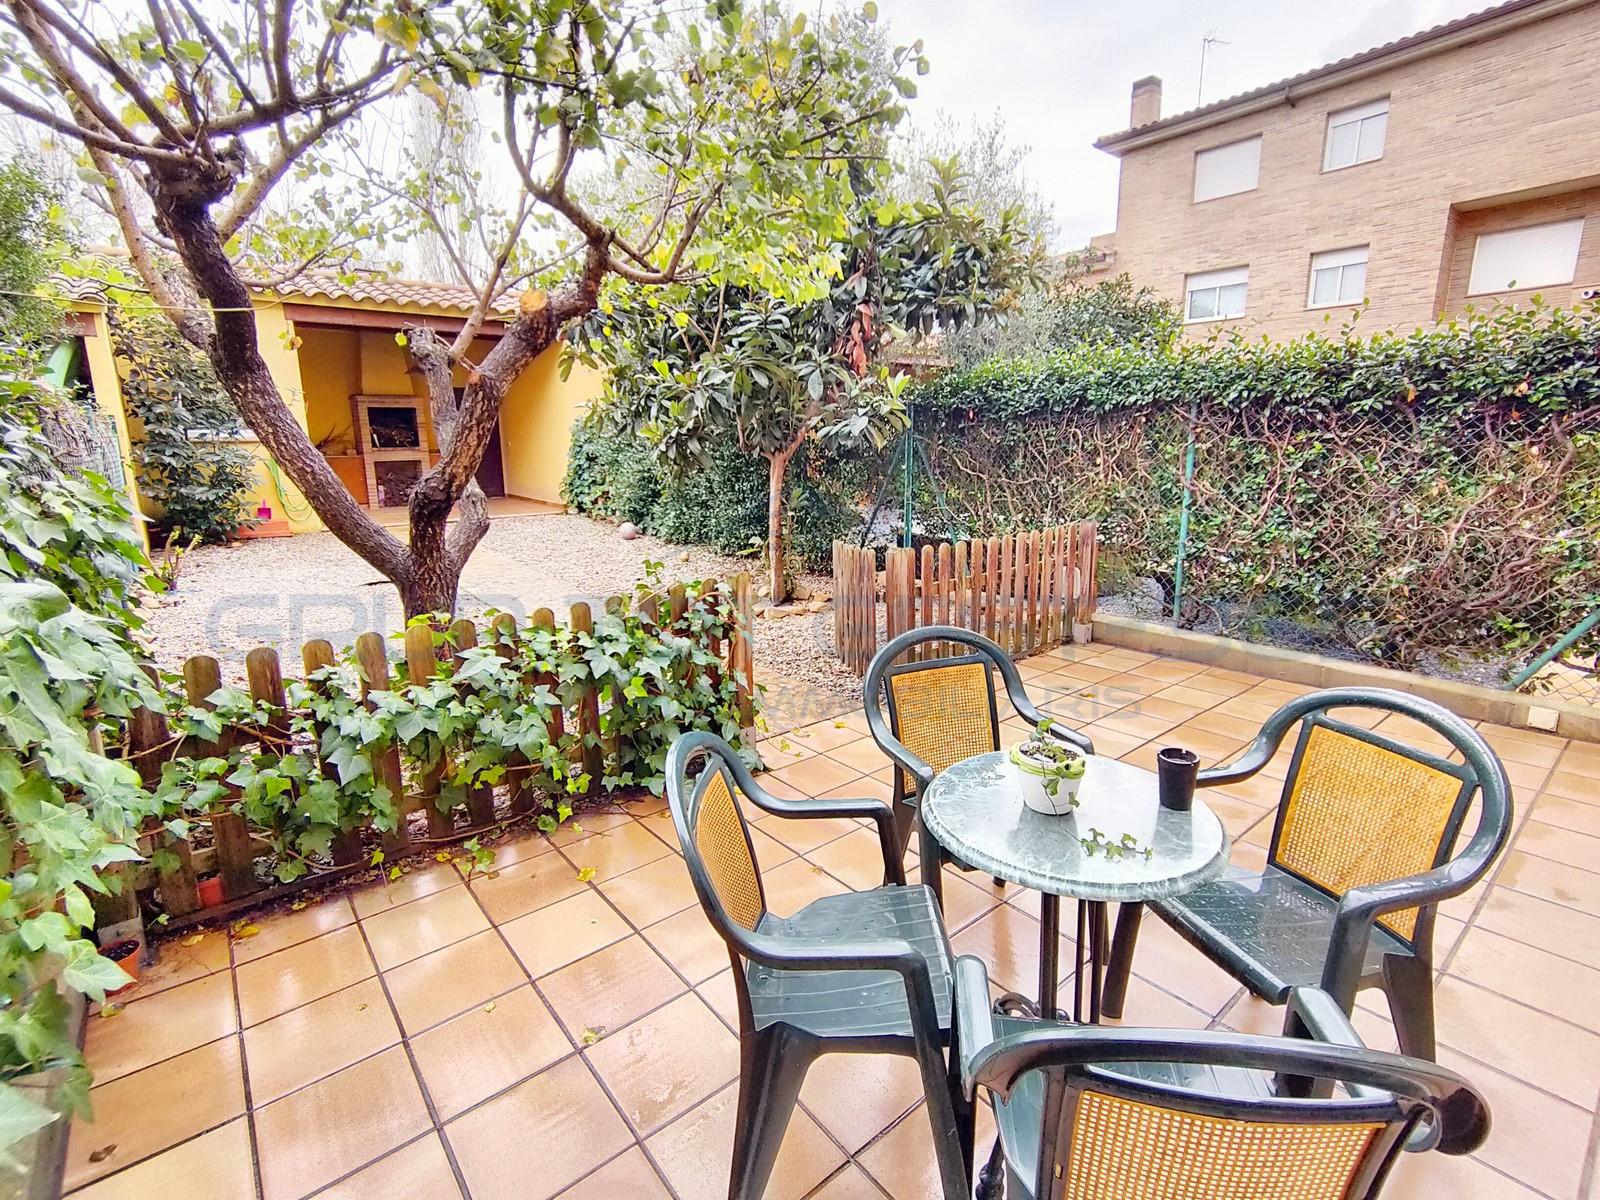 Casa adosada con jardin en LLagostera